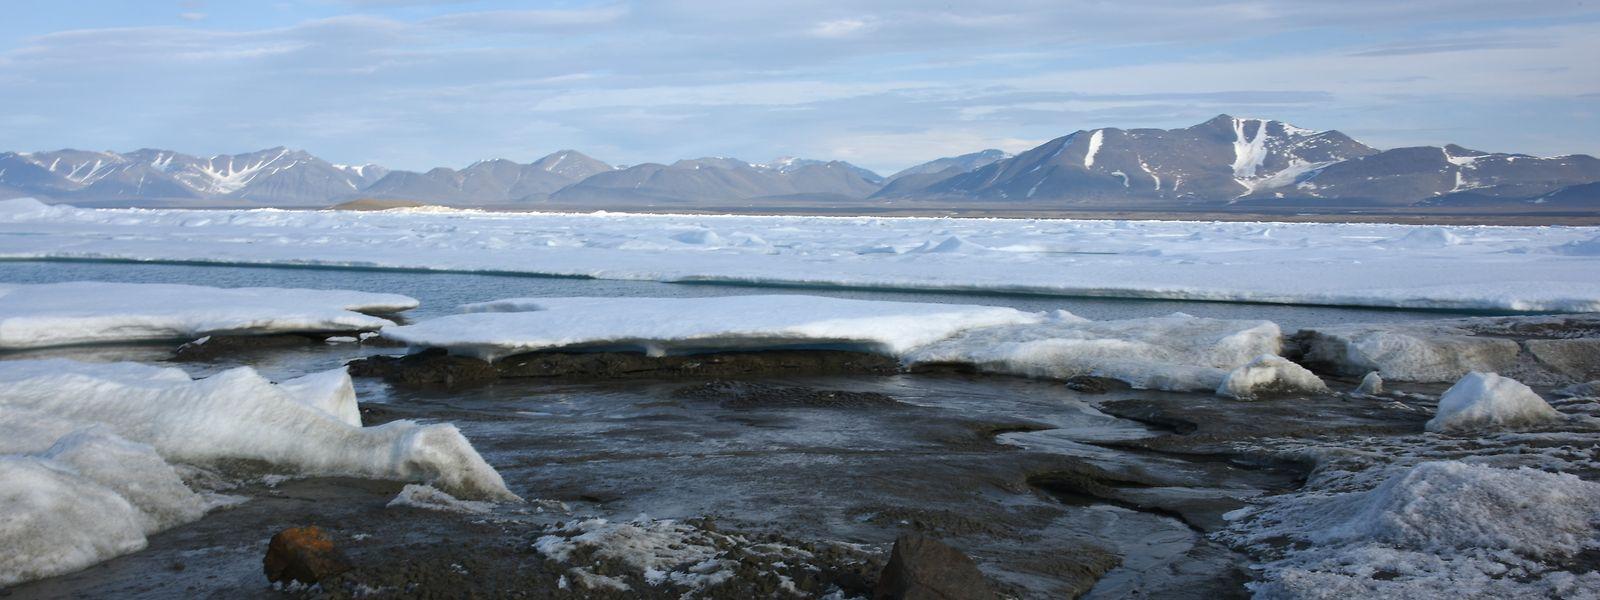 Das kleine noch unbenannte Eiland am nördlichsten Zipfel Grönlands ist möglicherweise die wohl nördlichste Insel der Welt.